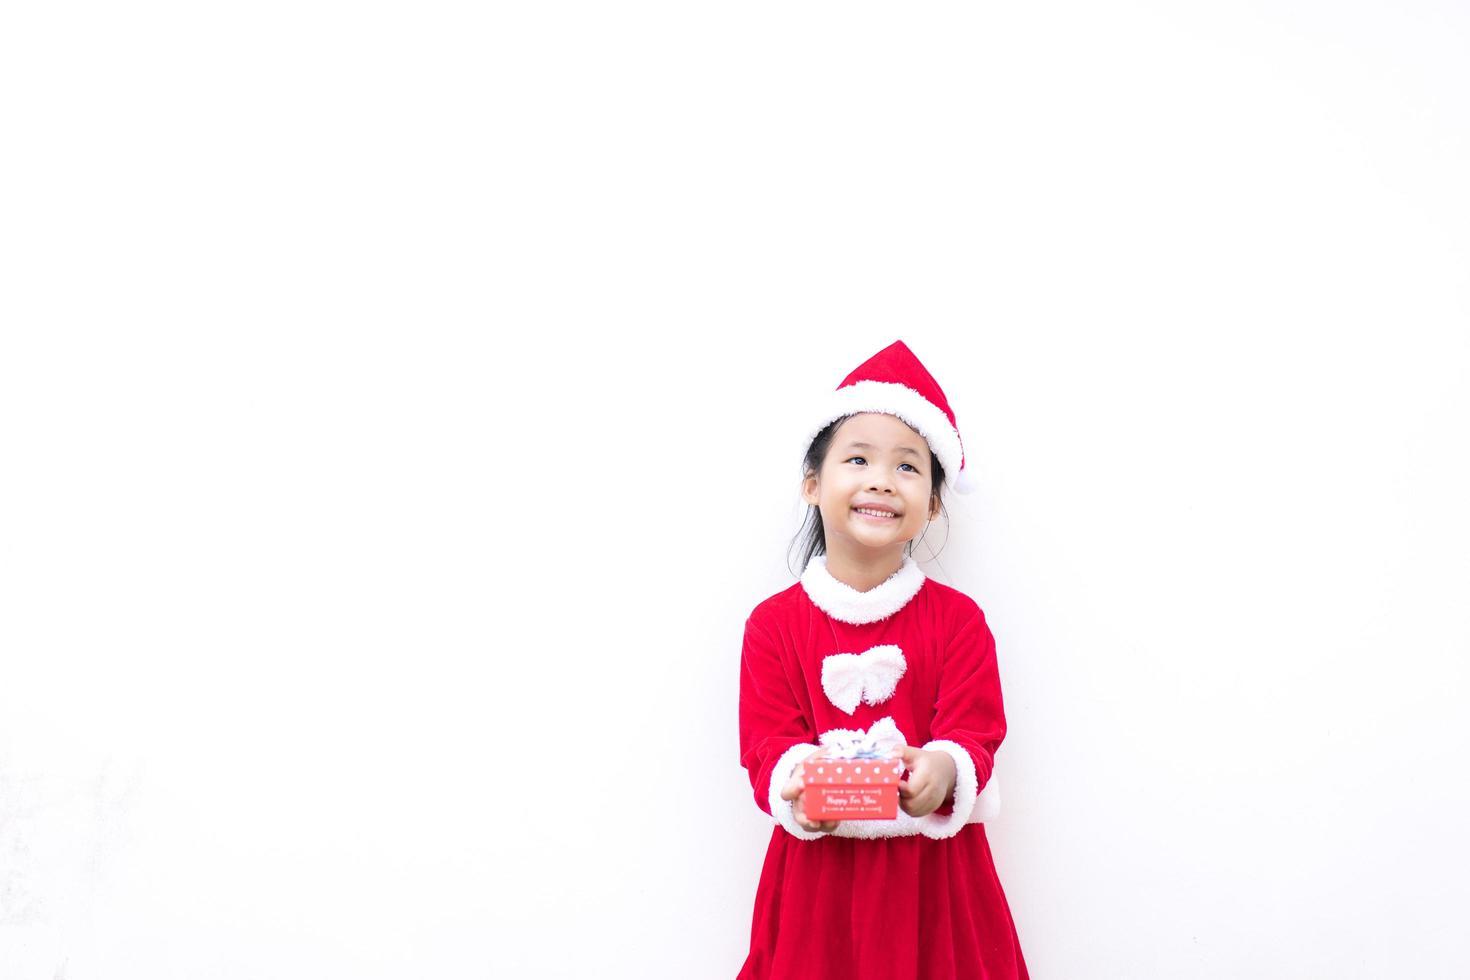 niña asiática en traje rojo de santa claus foto